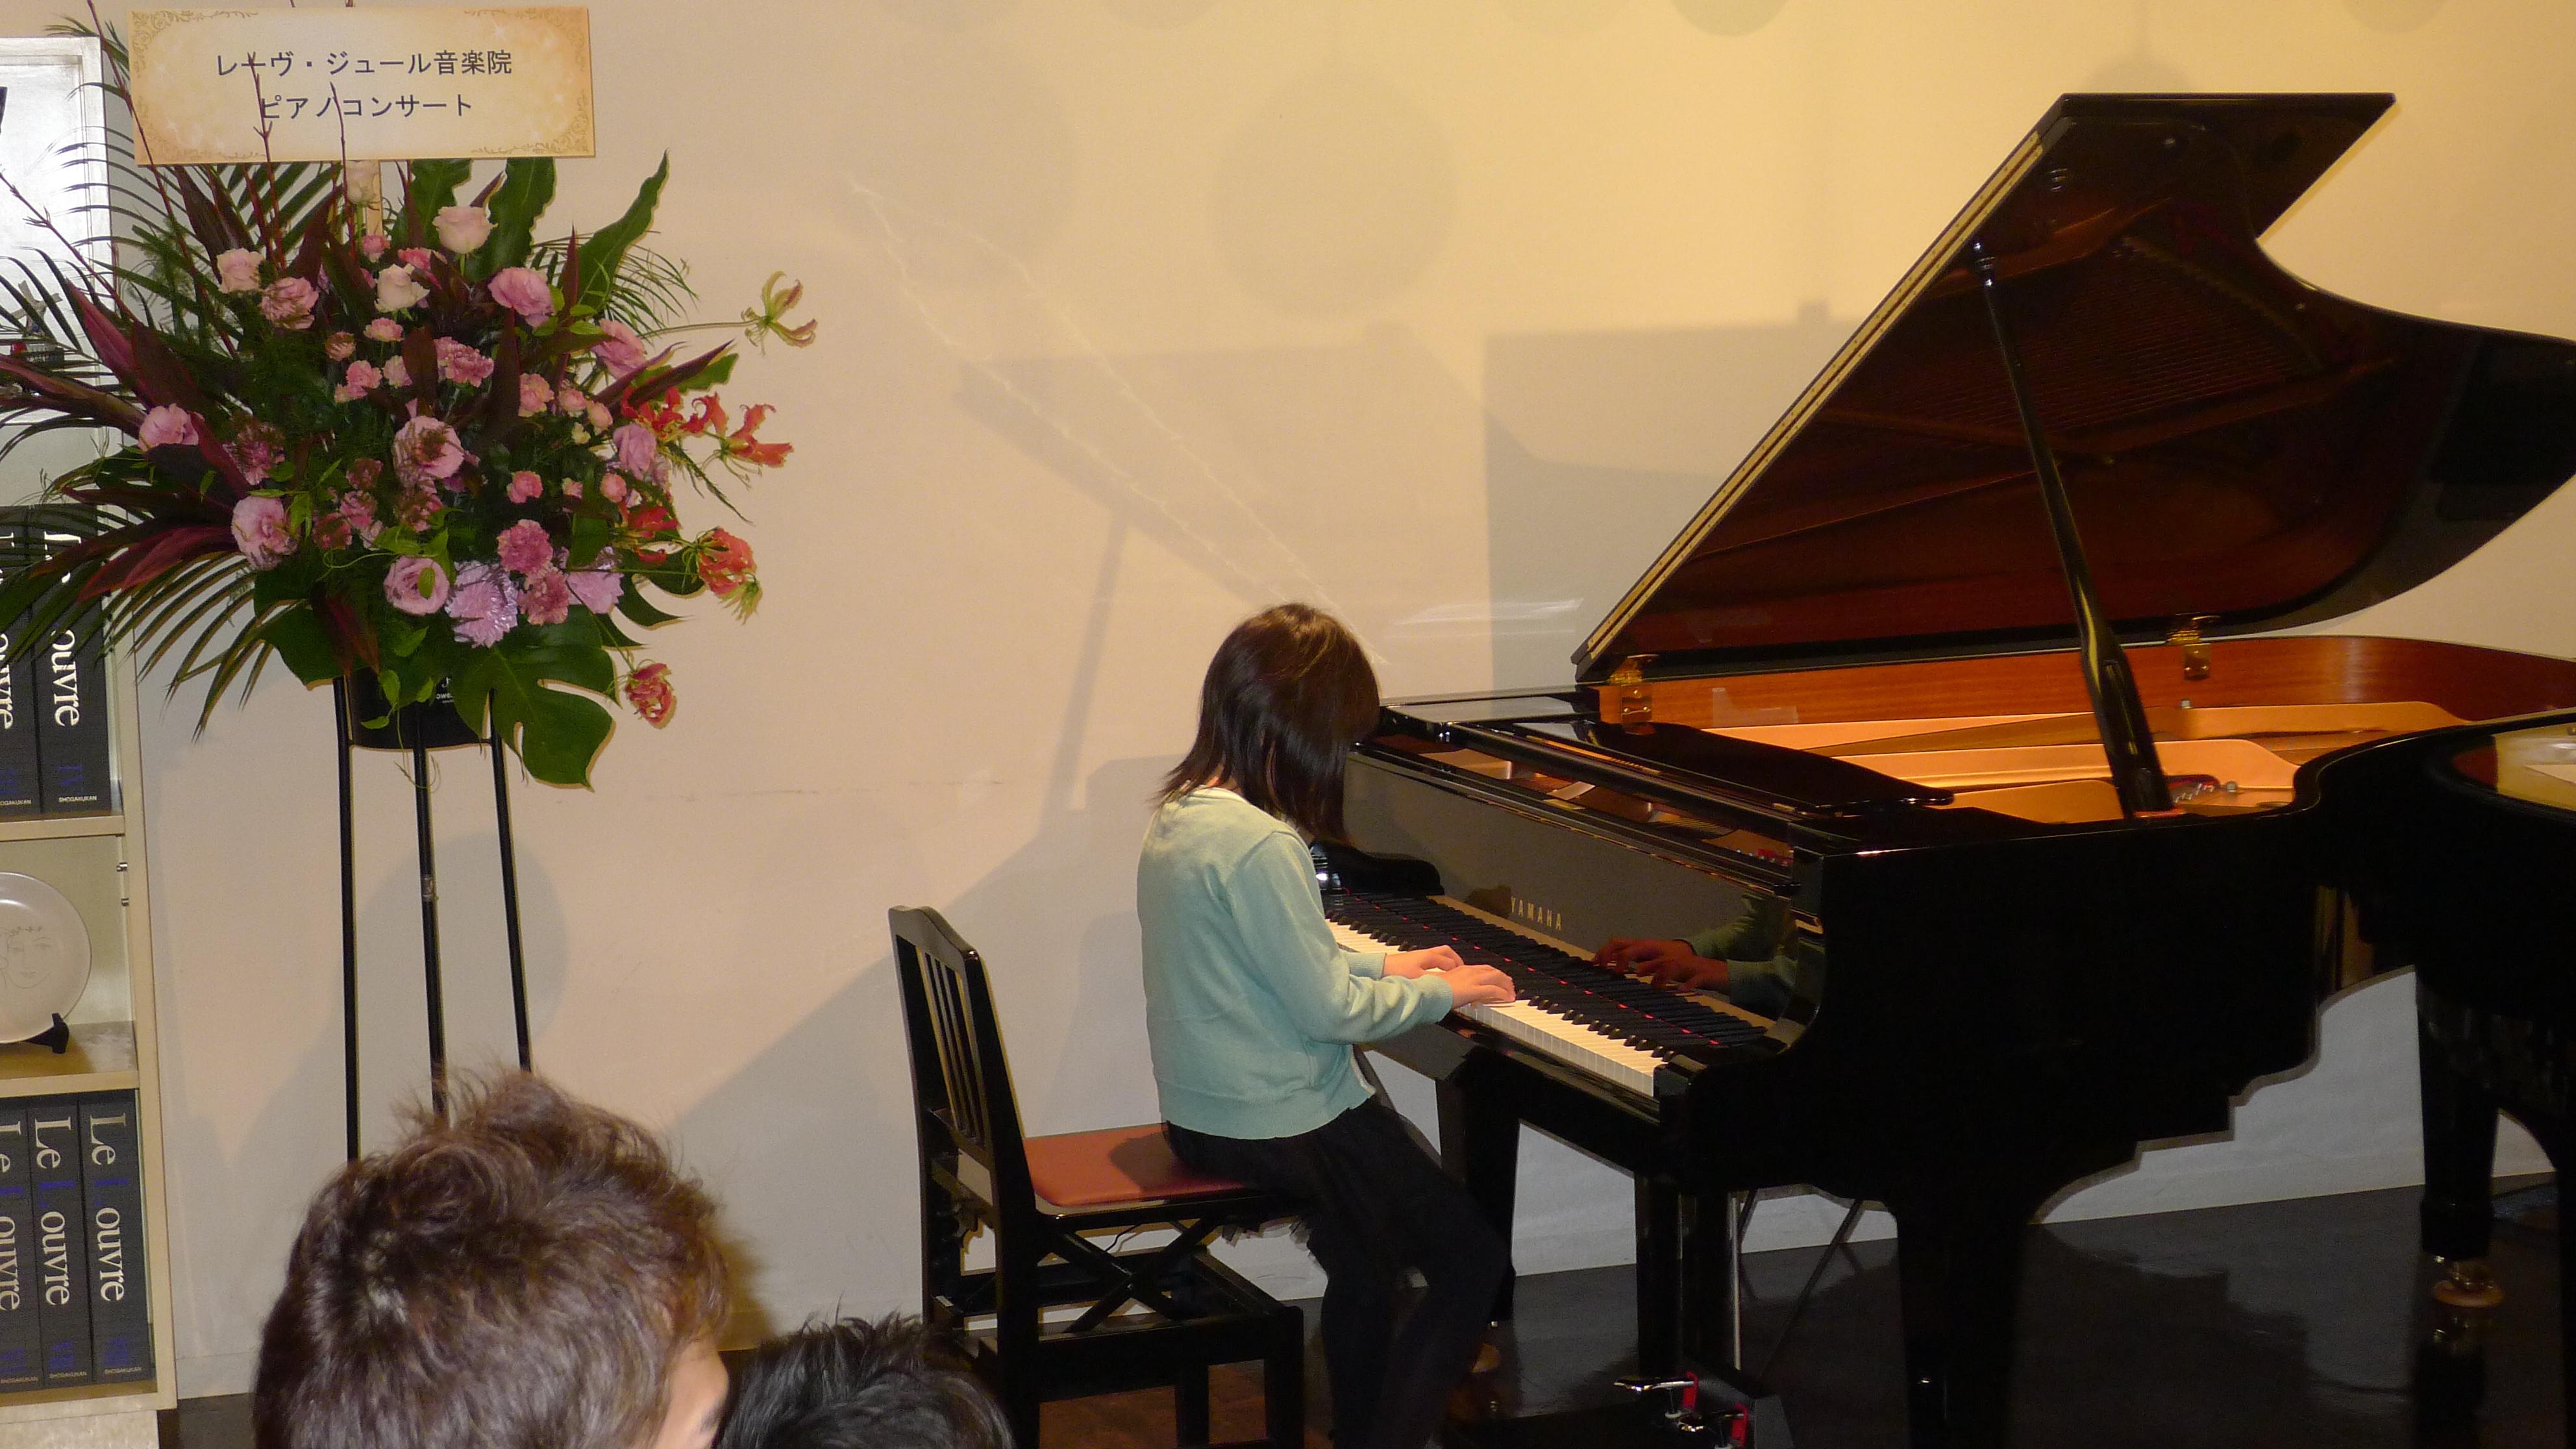 仙台市泉区北中山のピアノ教室 ピアノコンサート 七海1